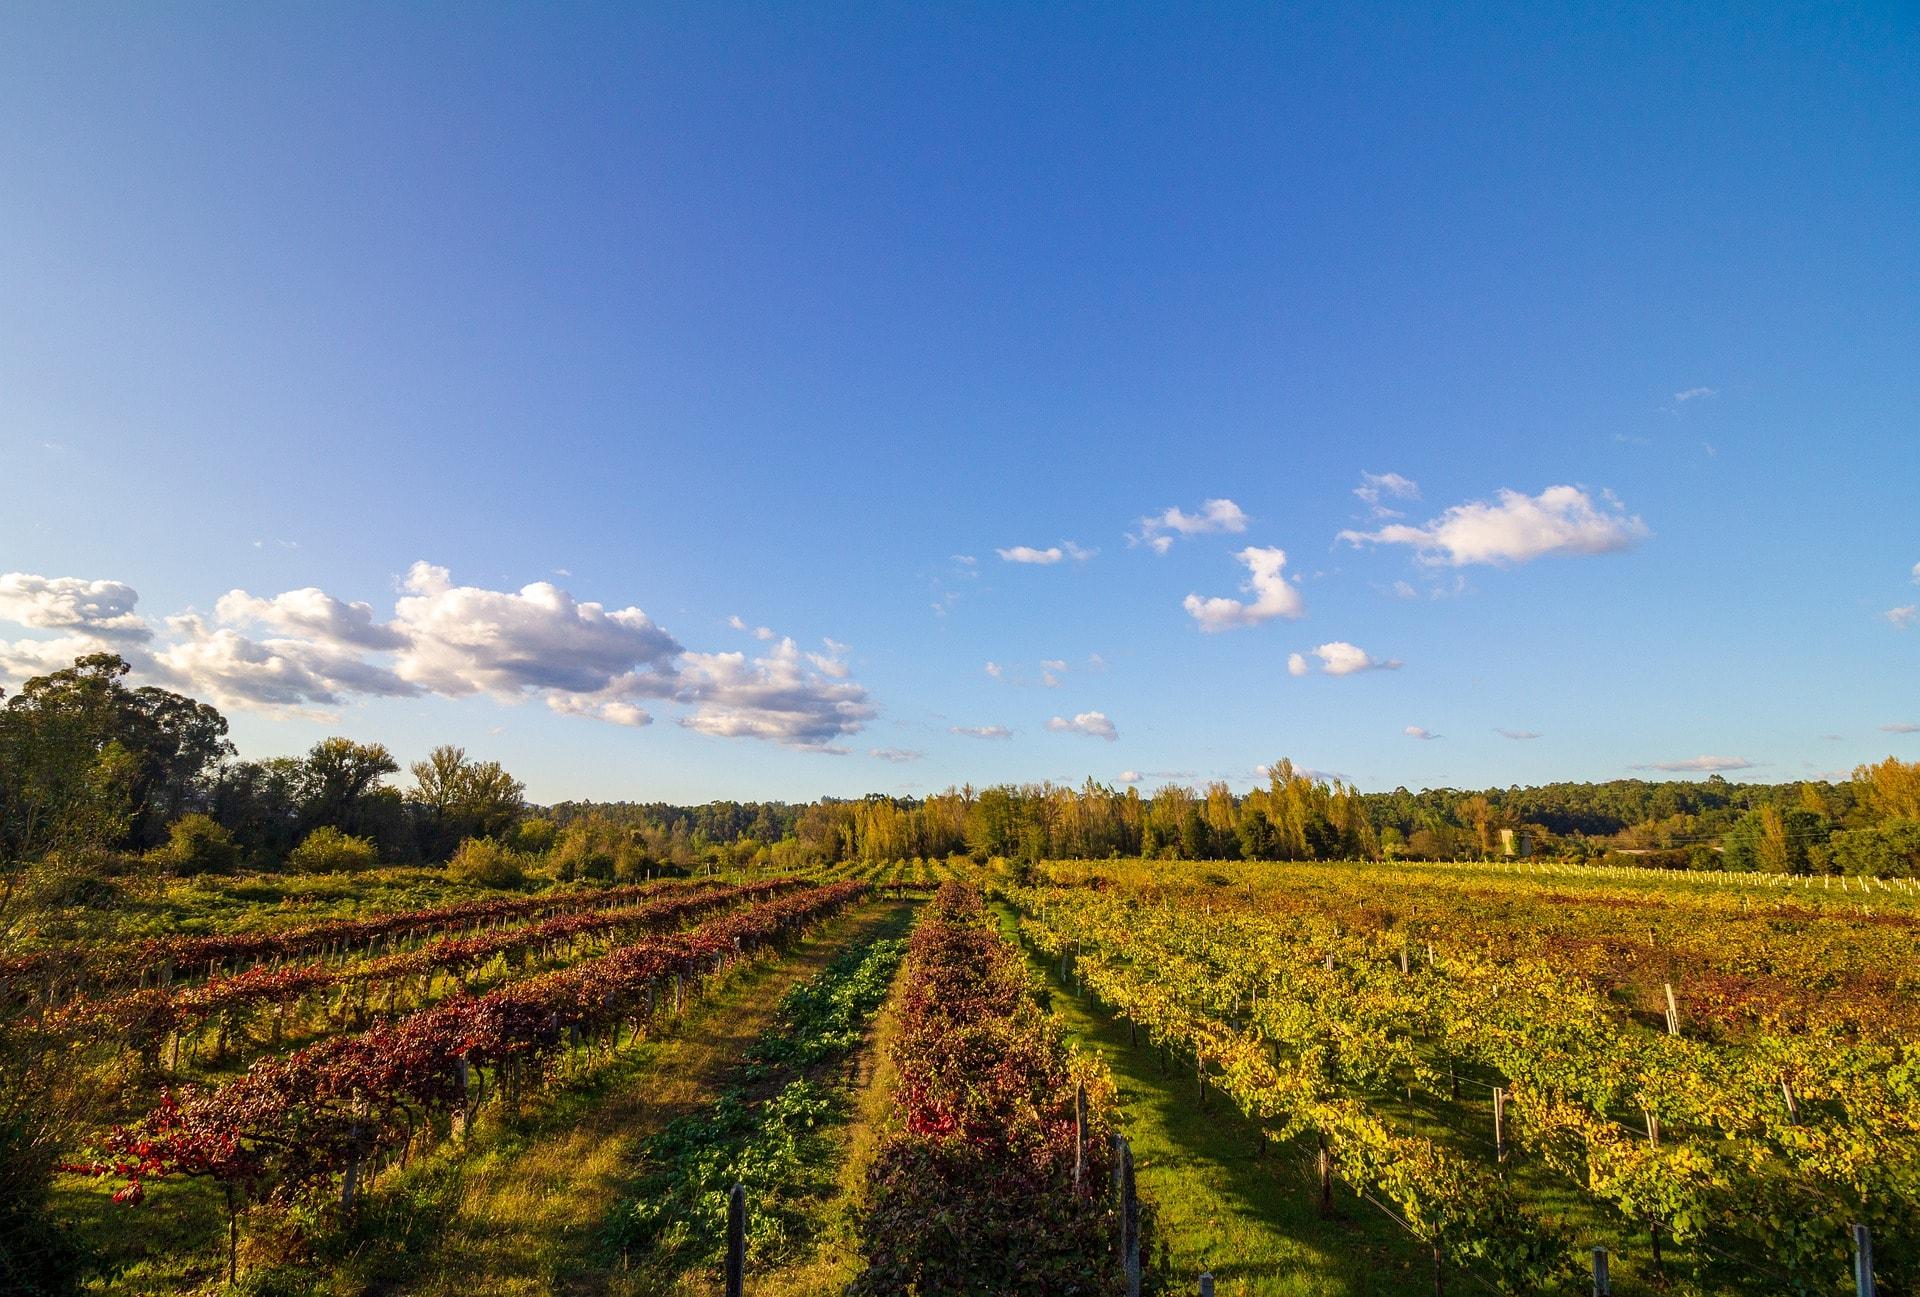 A Vineyard in Vinho Verde